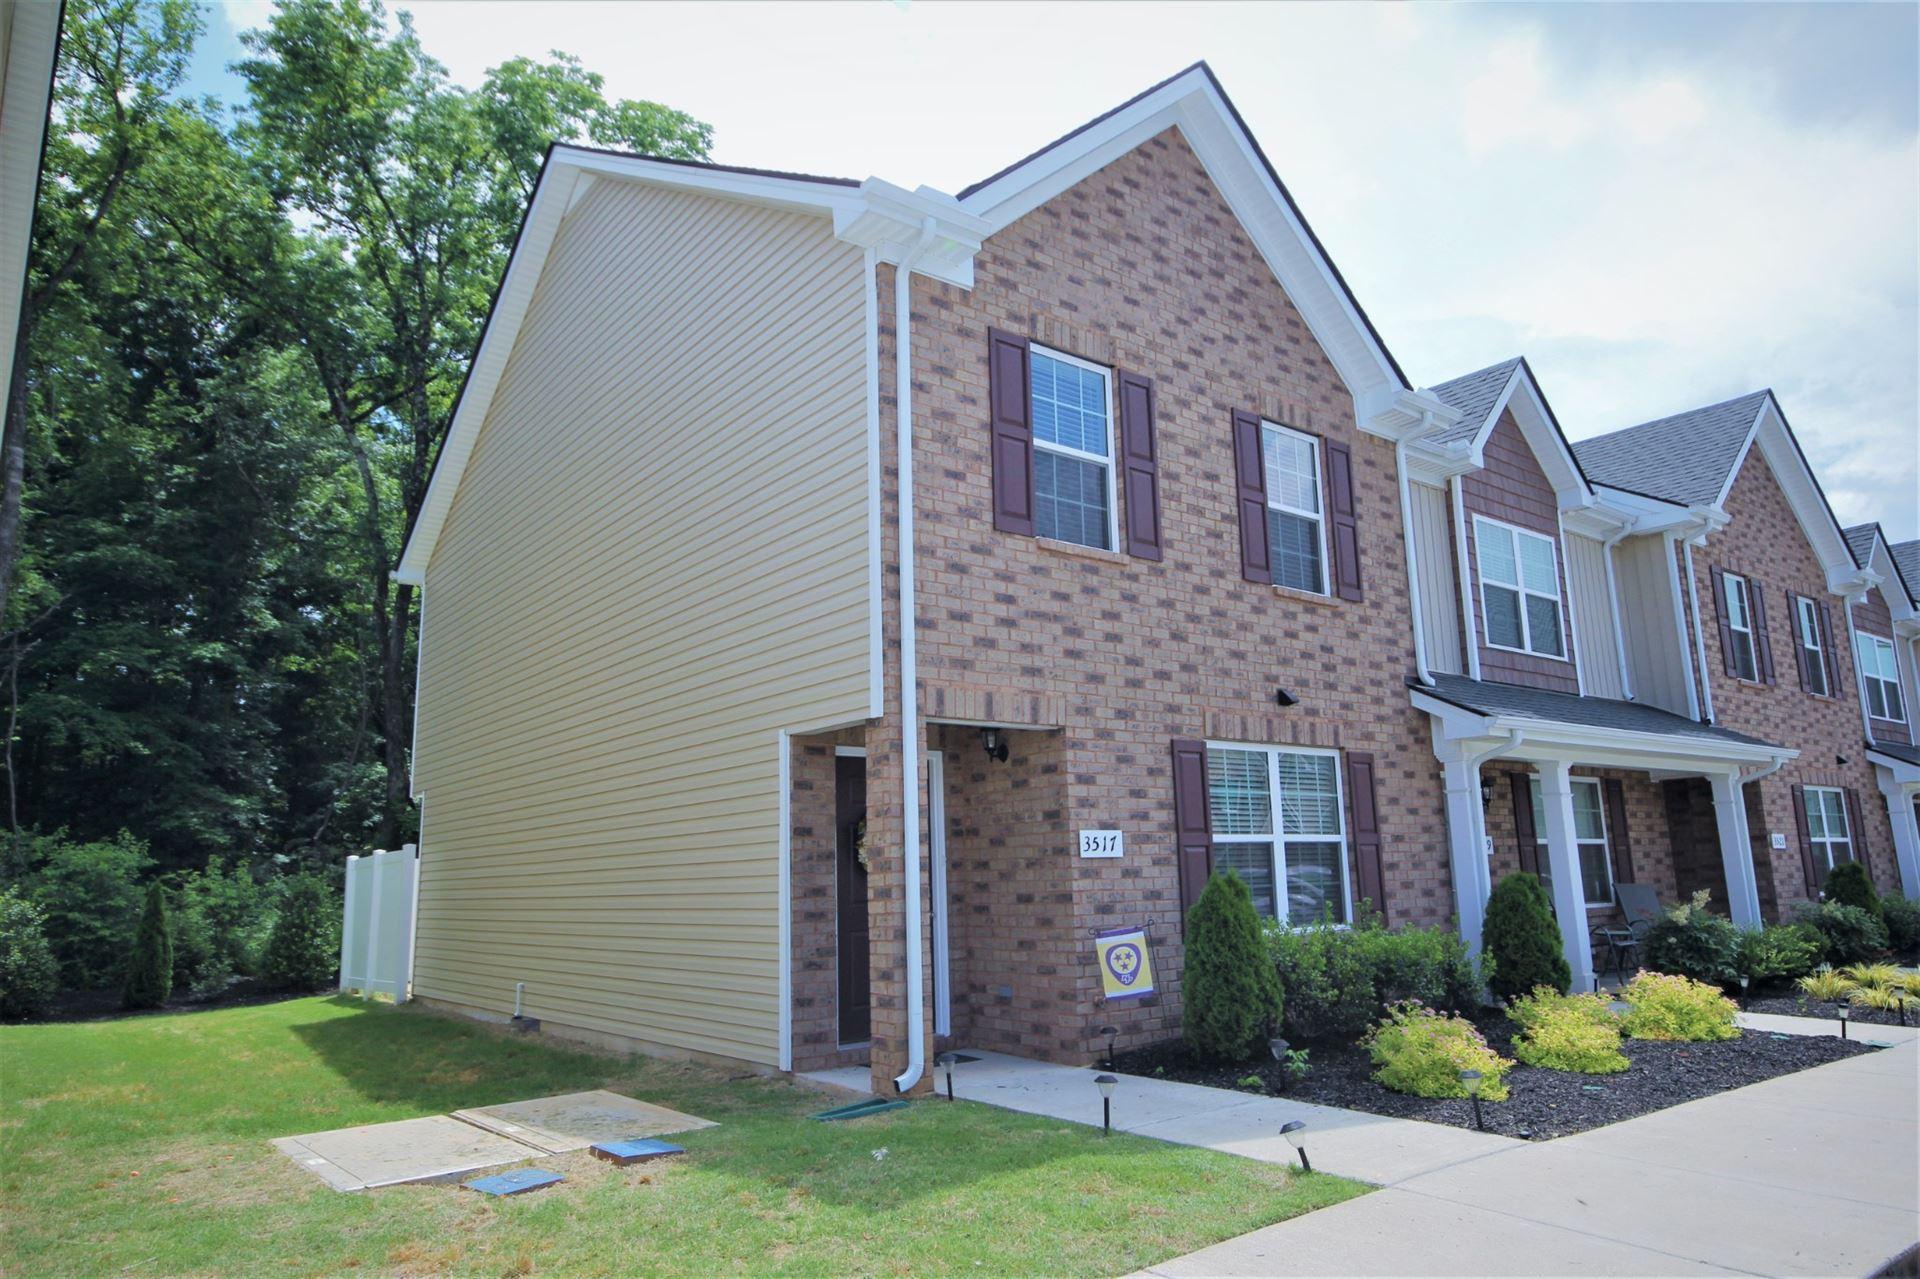 Photo of 3517 Nightshade Dr, Murfreesboro, TN 37128 (MLS # 2168772)